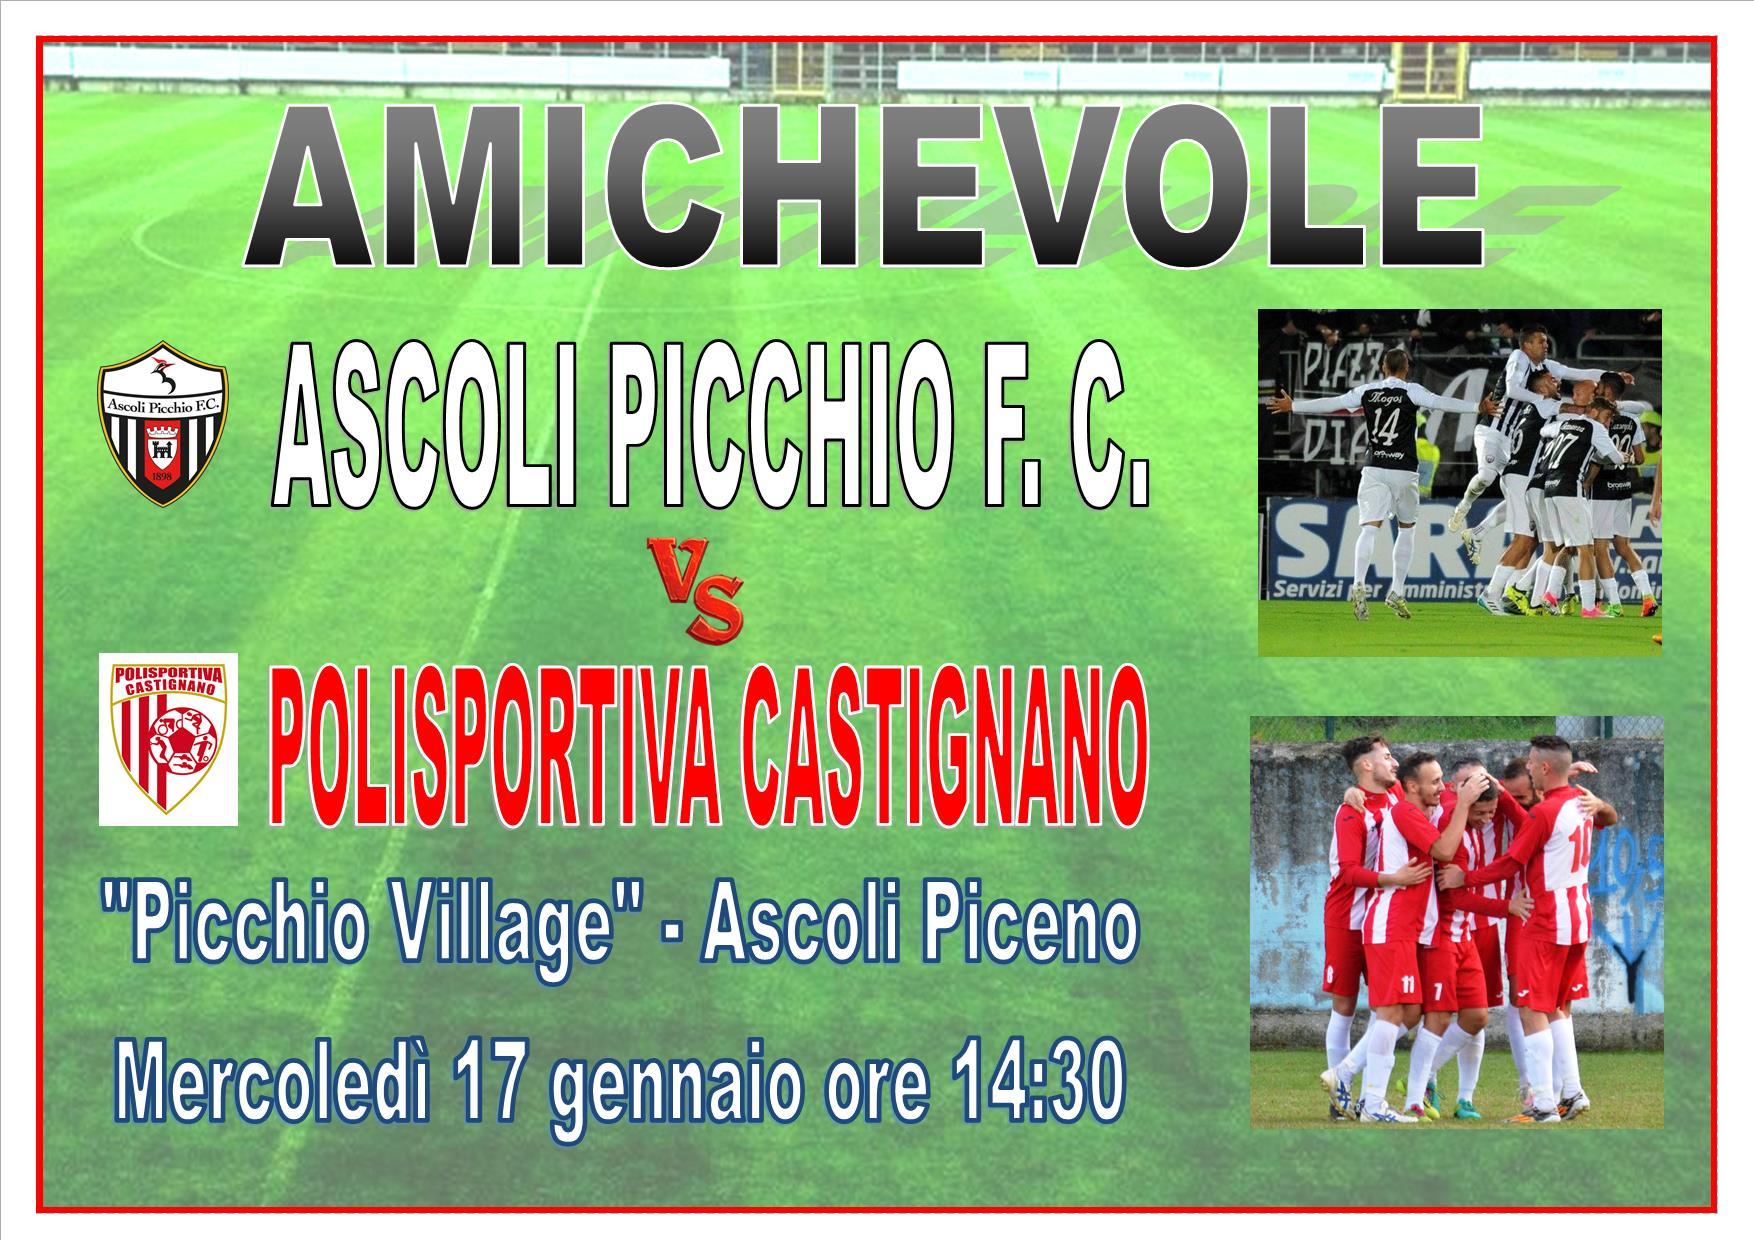 AMICHEVOLE CON L'ASCOLI PICCHIO!!!